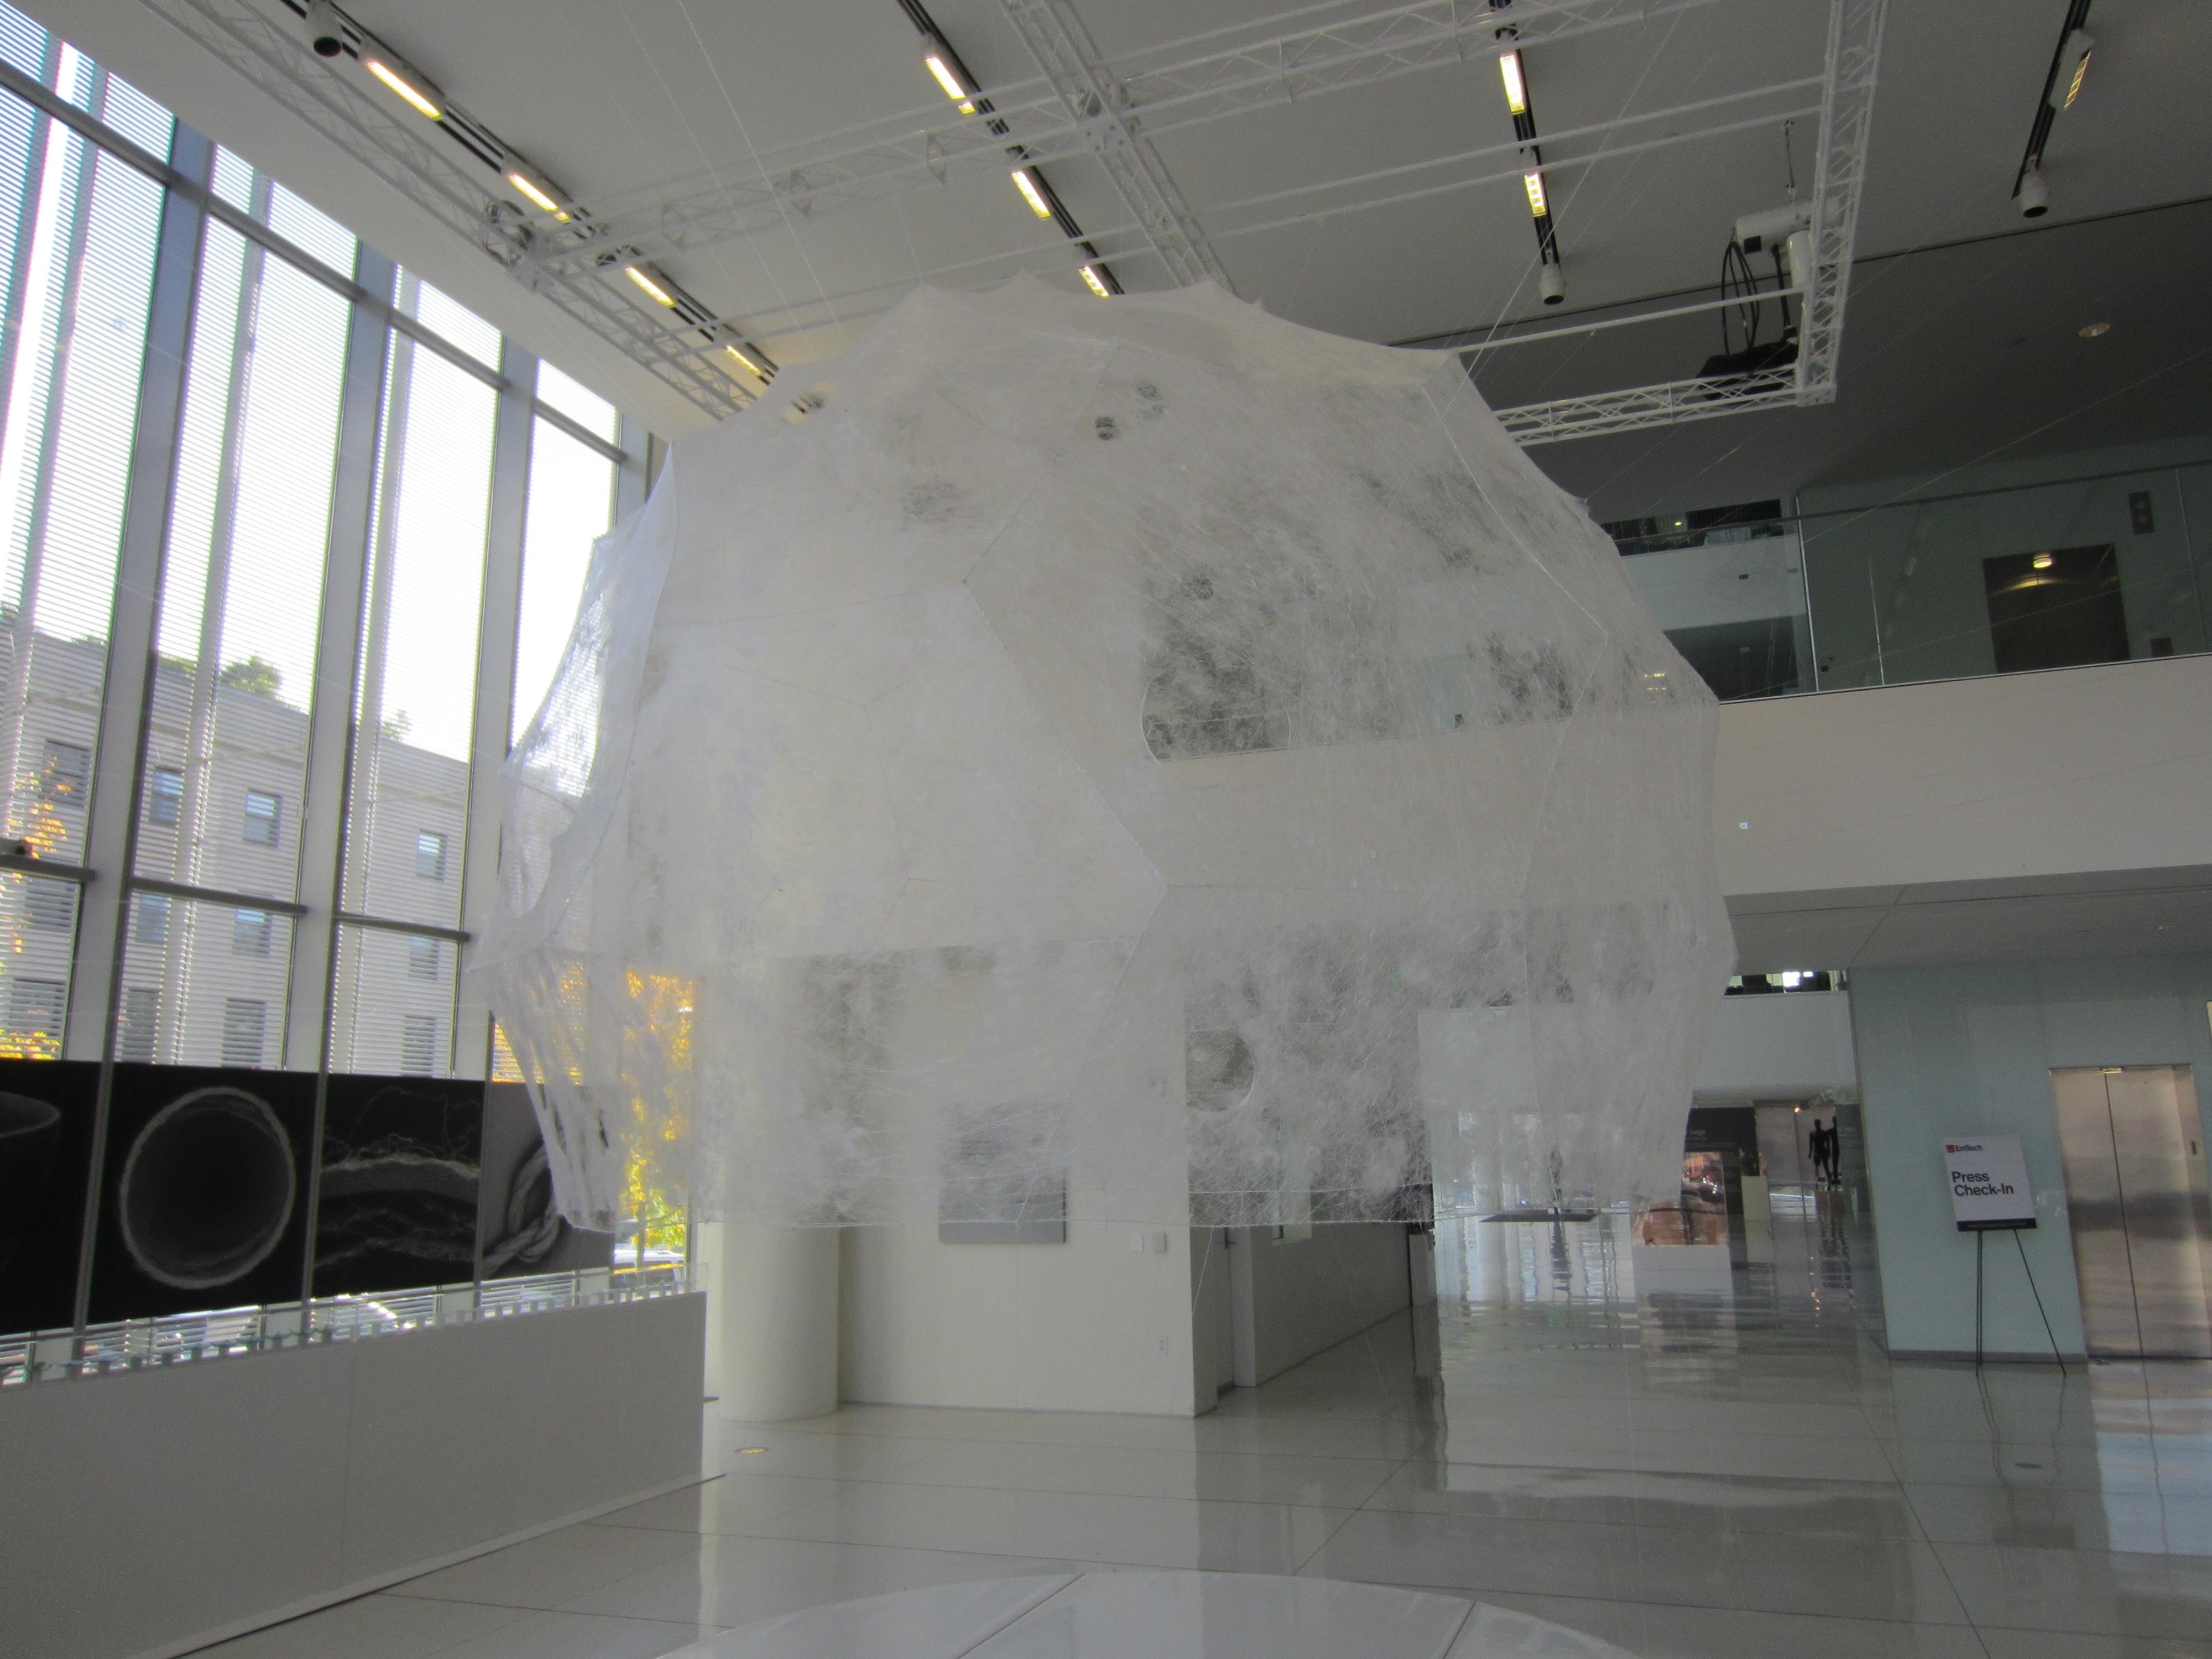 Silk Road at MIT Media Lab